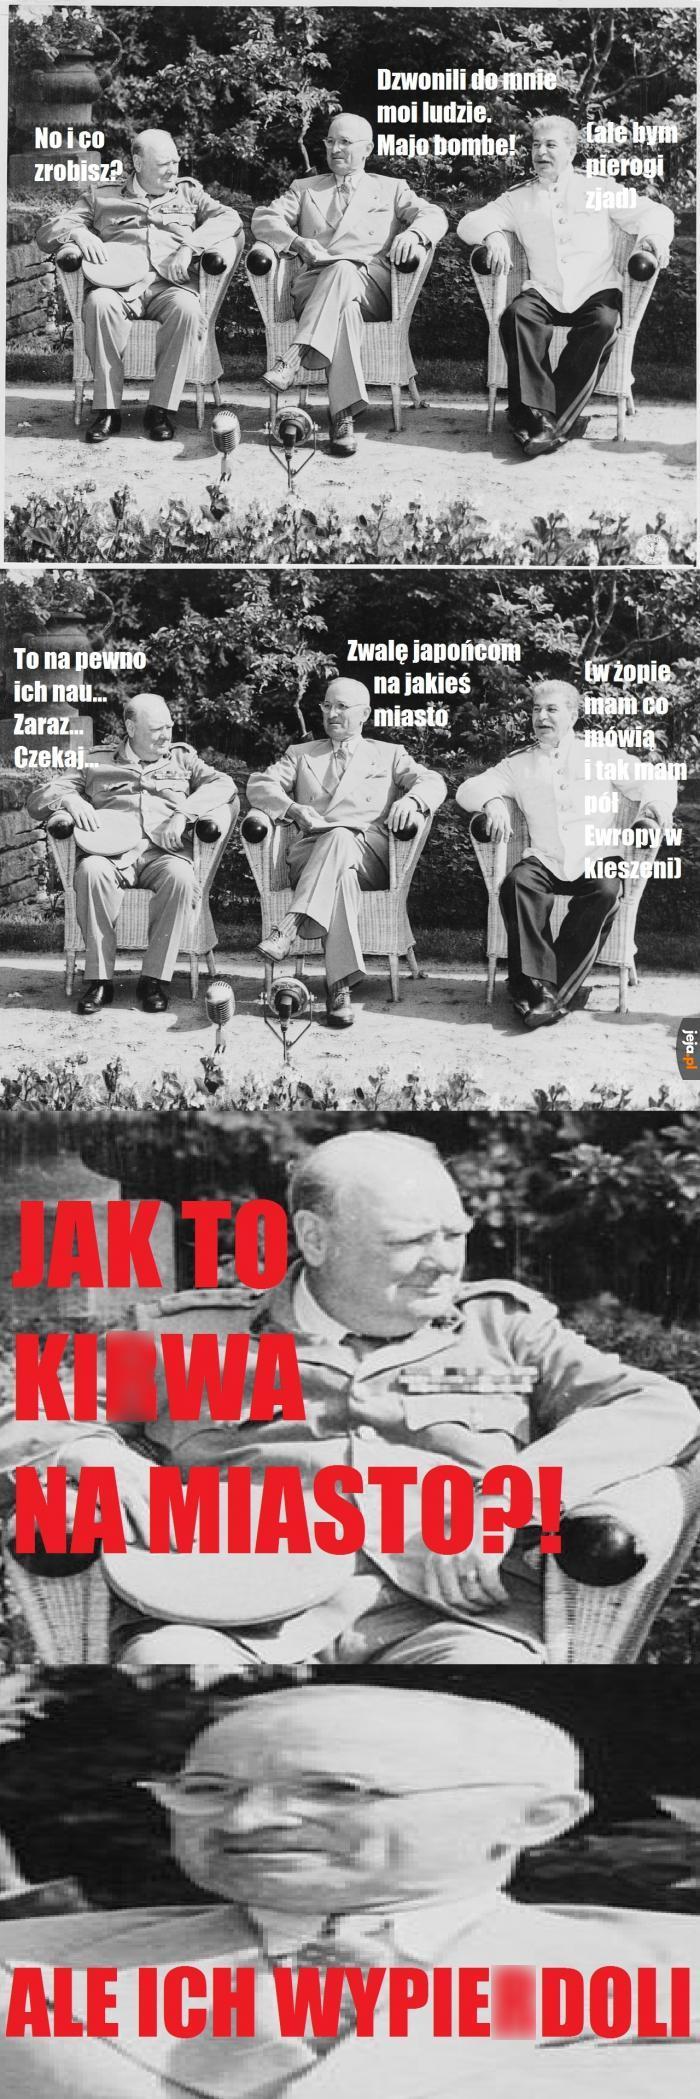 Poczdam, 1945